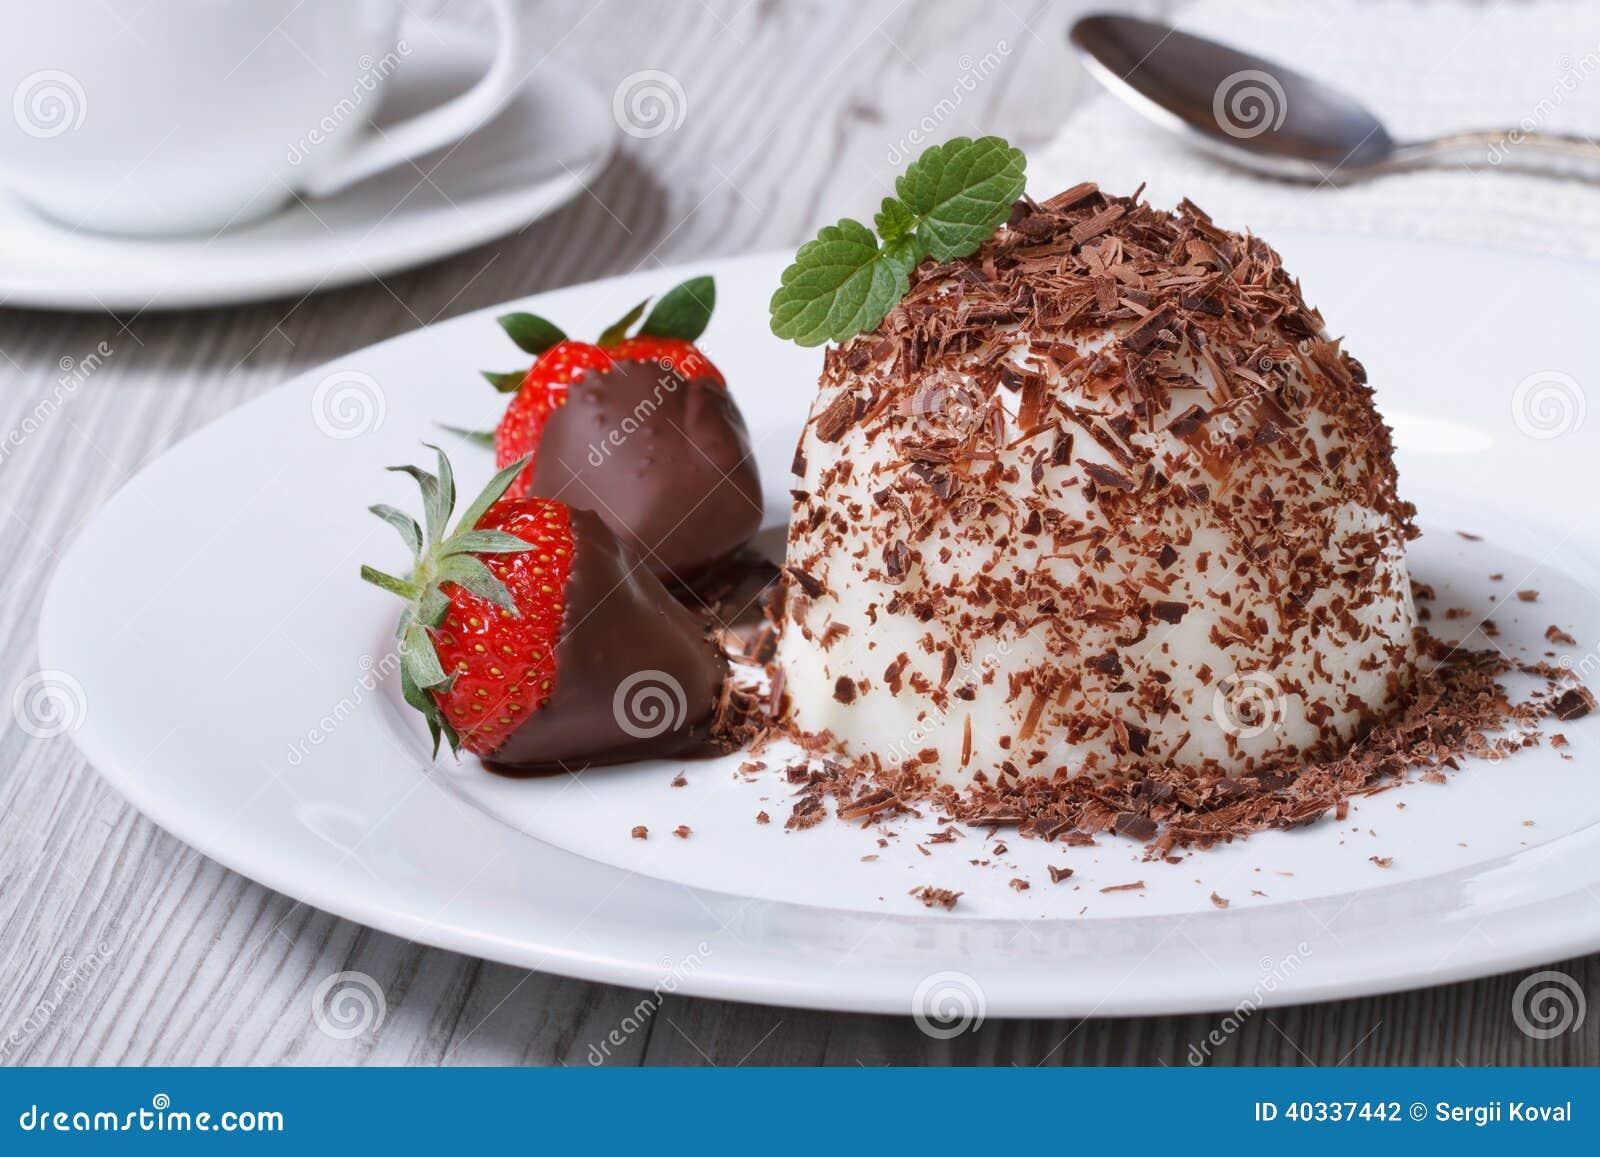 italienischer nachtisch panna cotta mit erdbeeren in der schokolade stockfoto bild 40337442. Black Bedroom Furniture Sets. Home Design Ideas